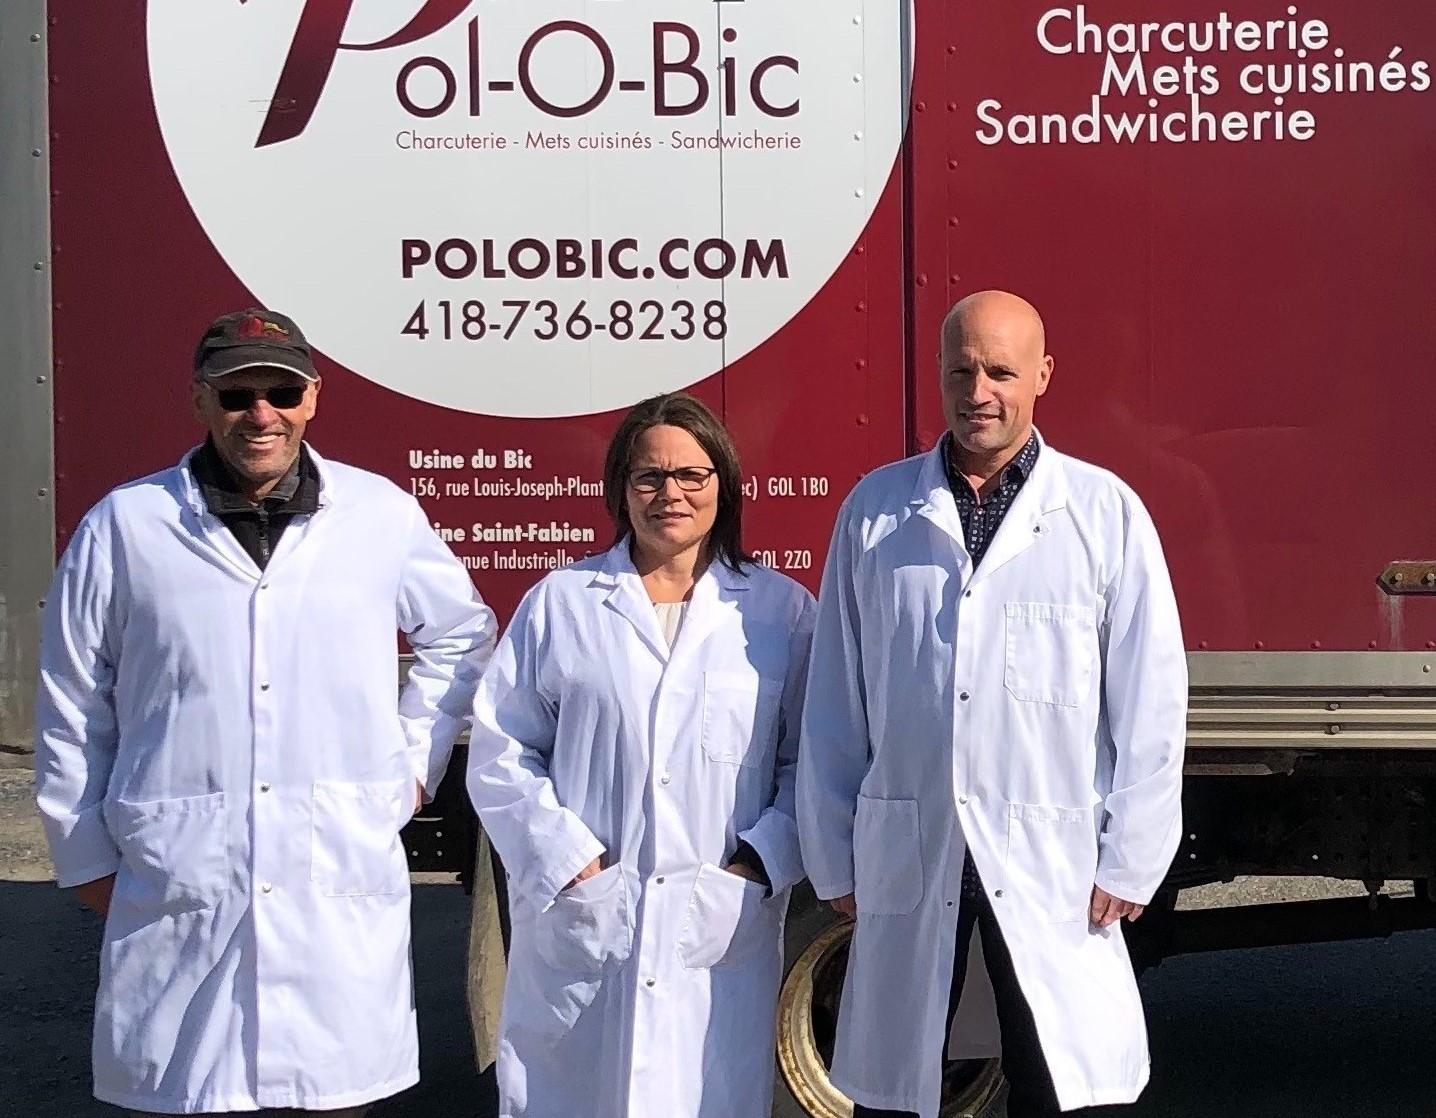 La famille Rioux est propriétaire de l'entreprise Pol-O-Bic.